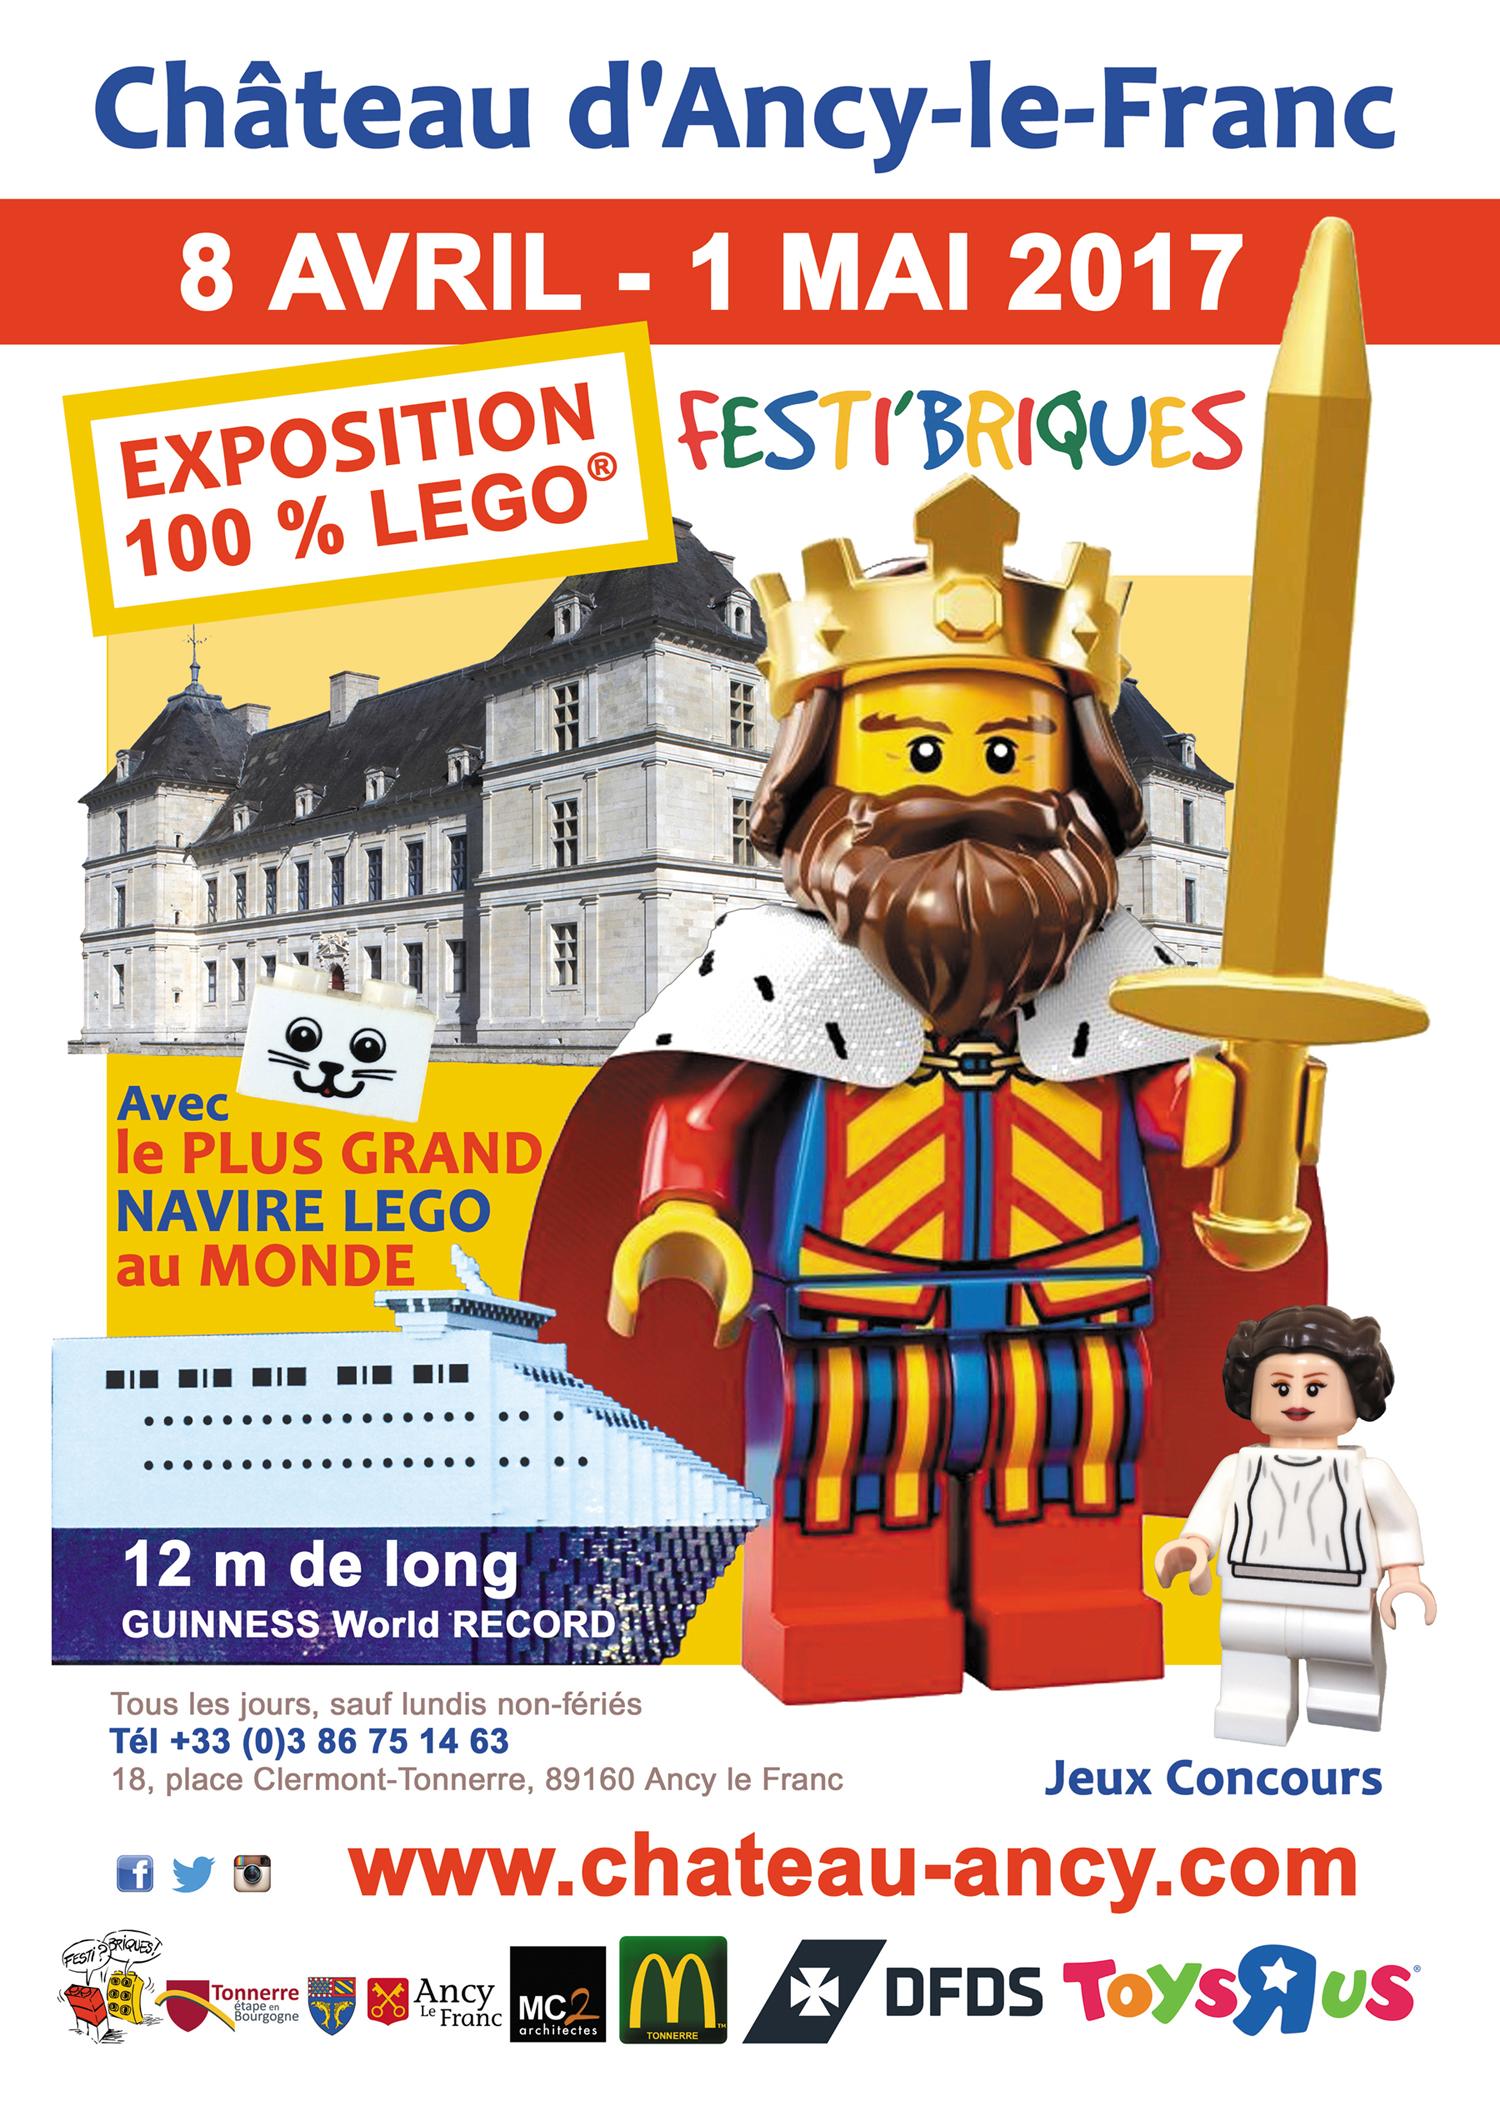 Exposition 100% LEGO au Château d'Ancy le Franc avec le plus grand navire LEGO au monde Record Guinness